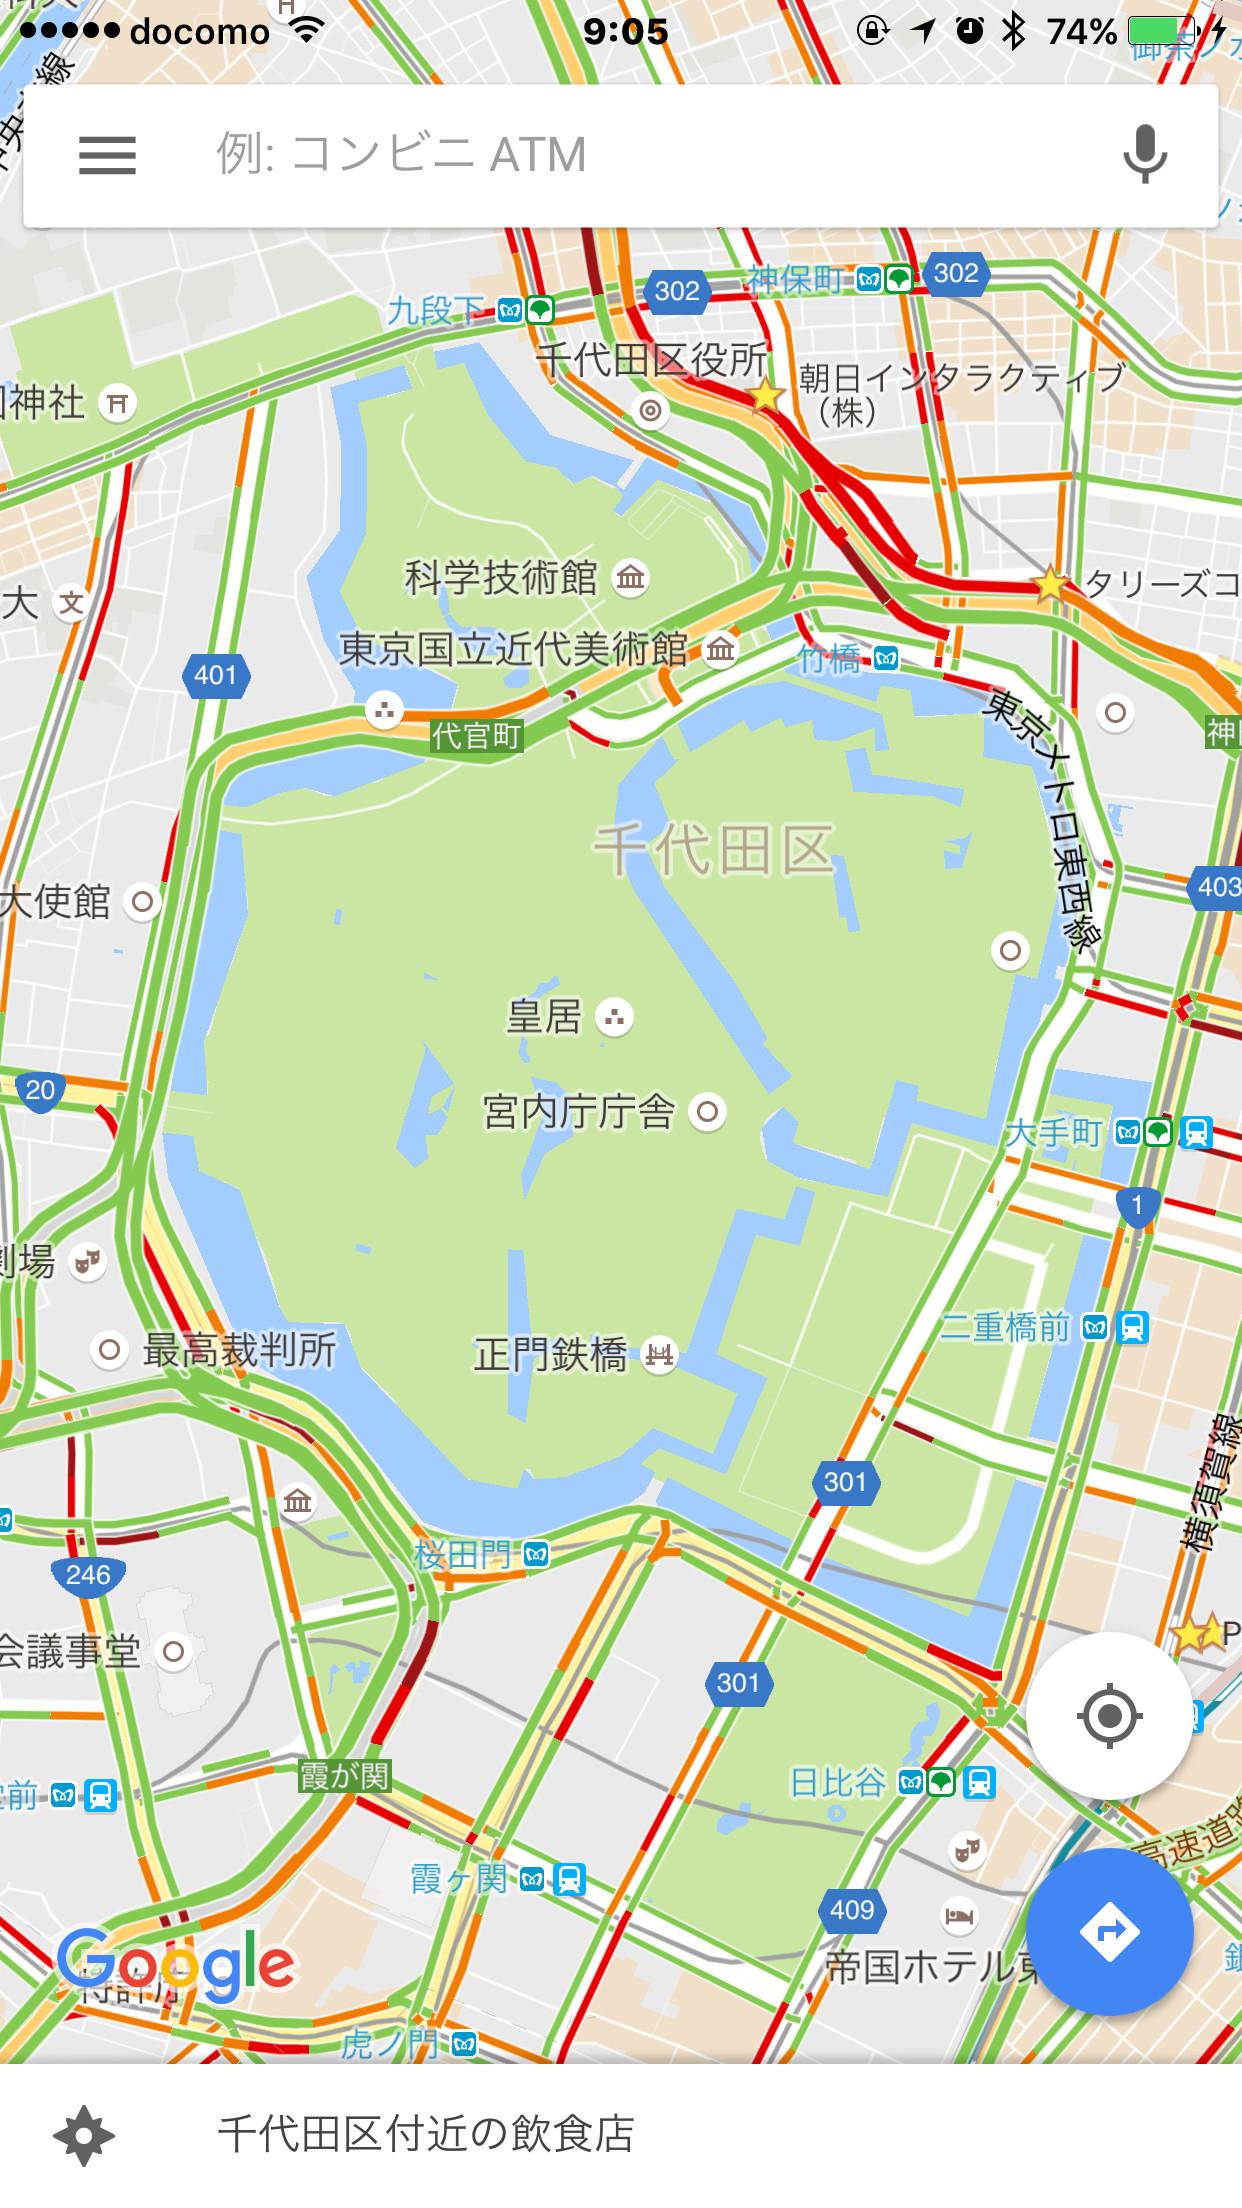 参考として「Google Map」(iOS版)の道路混雑機能も紹介する